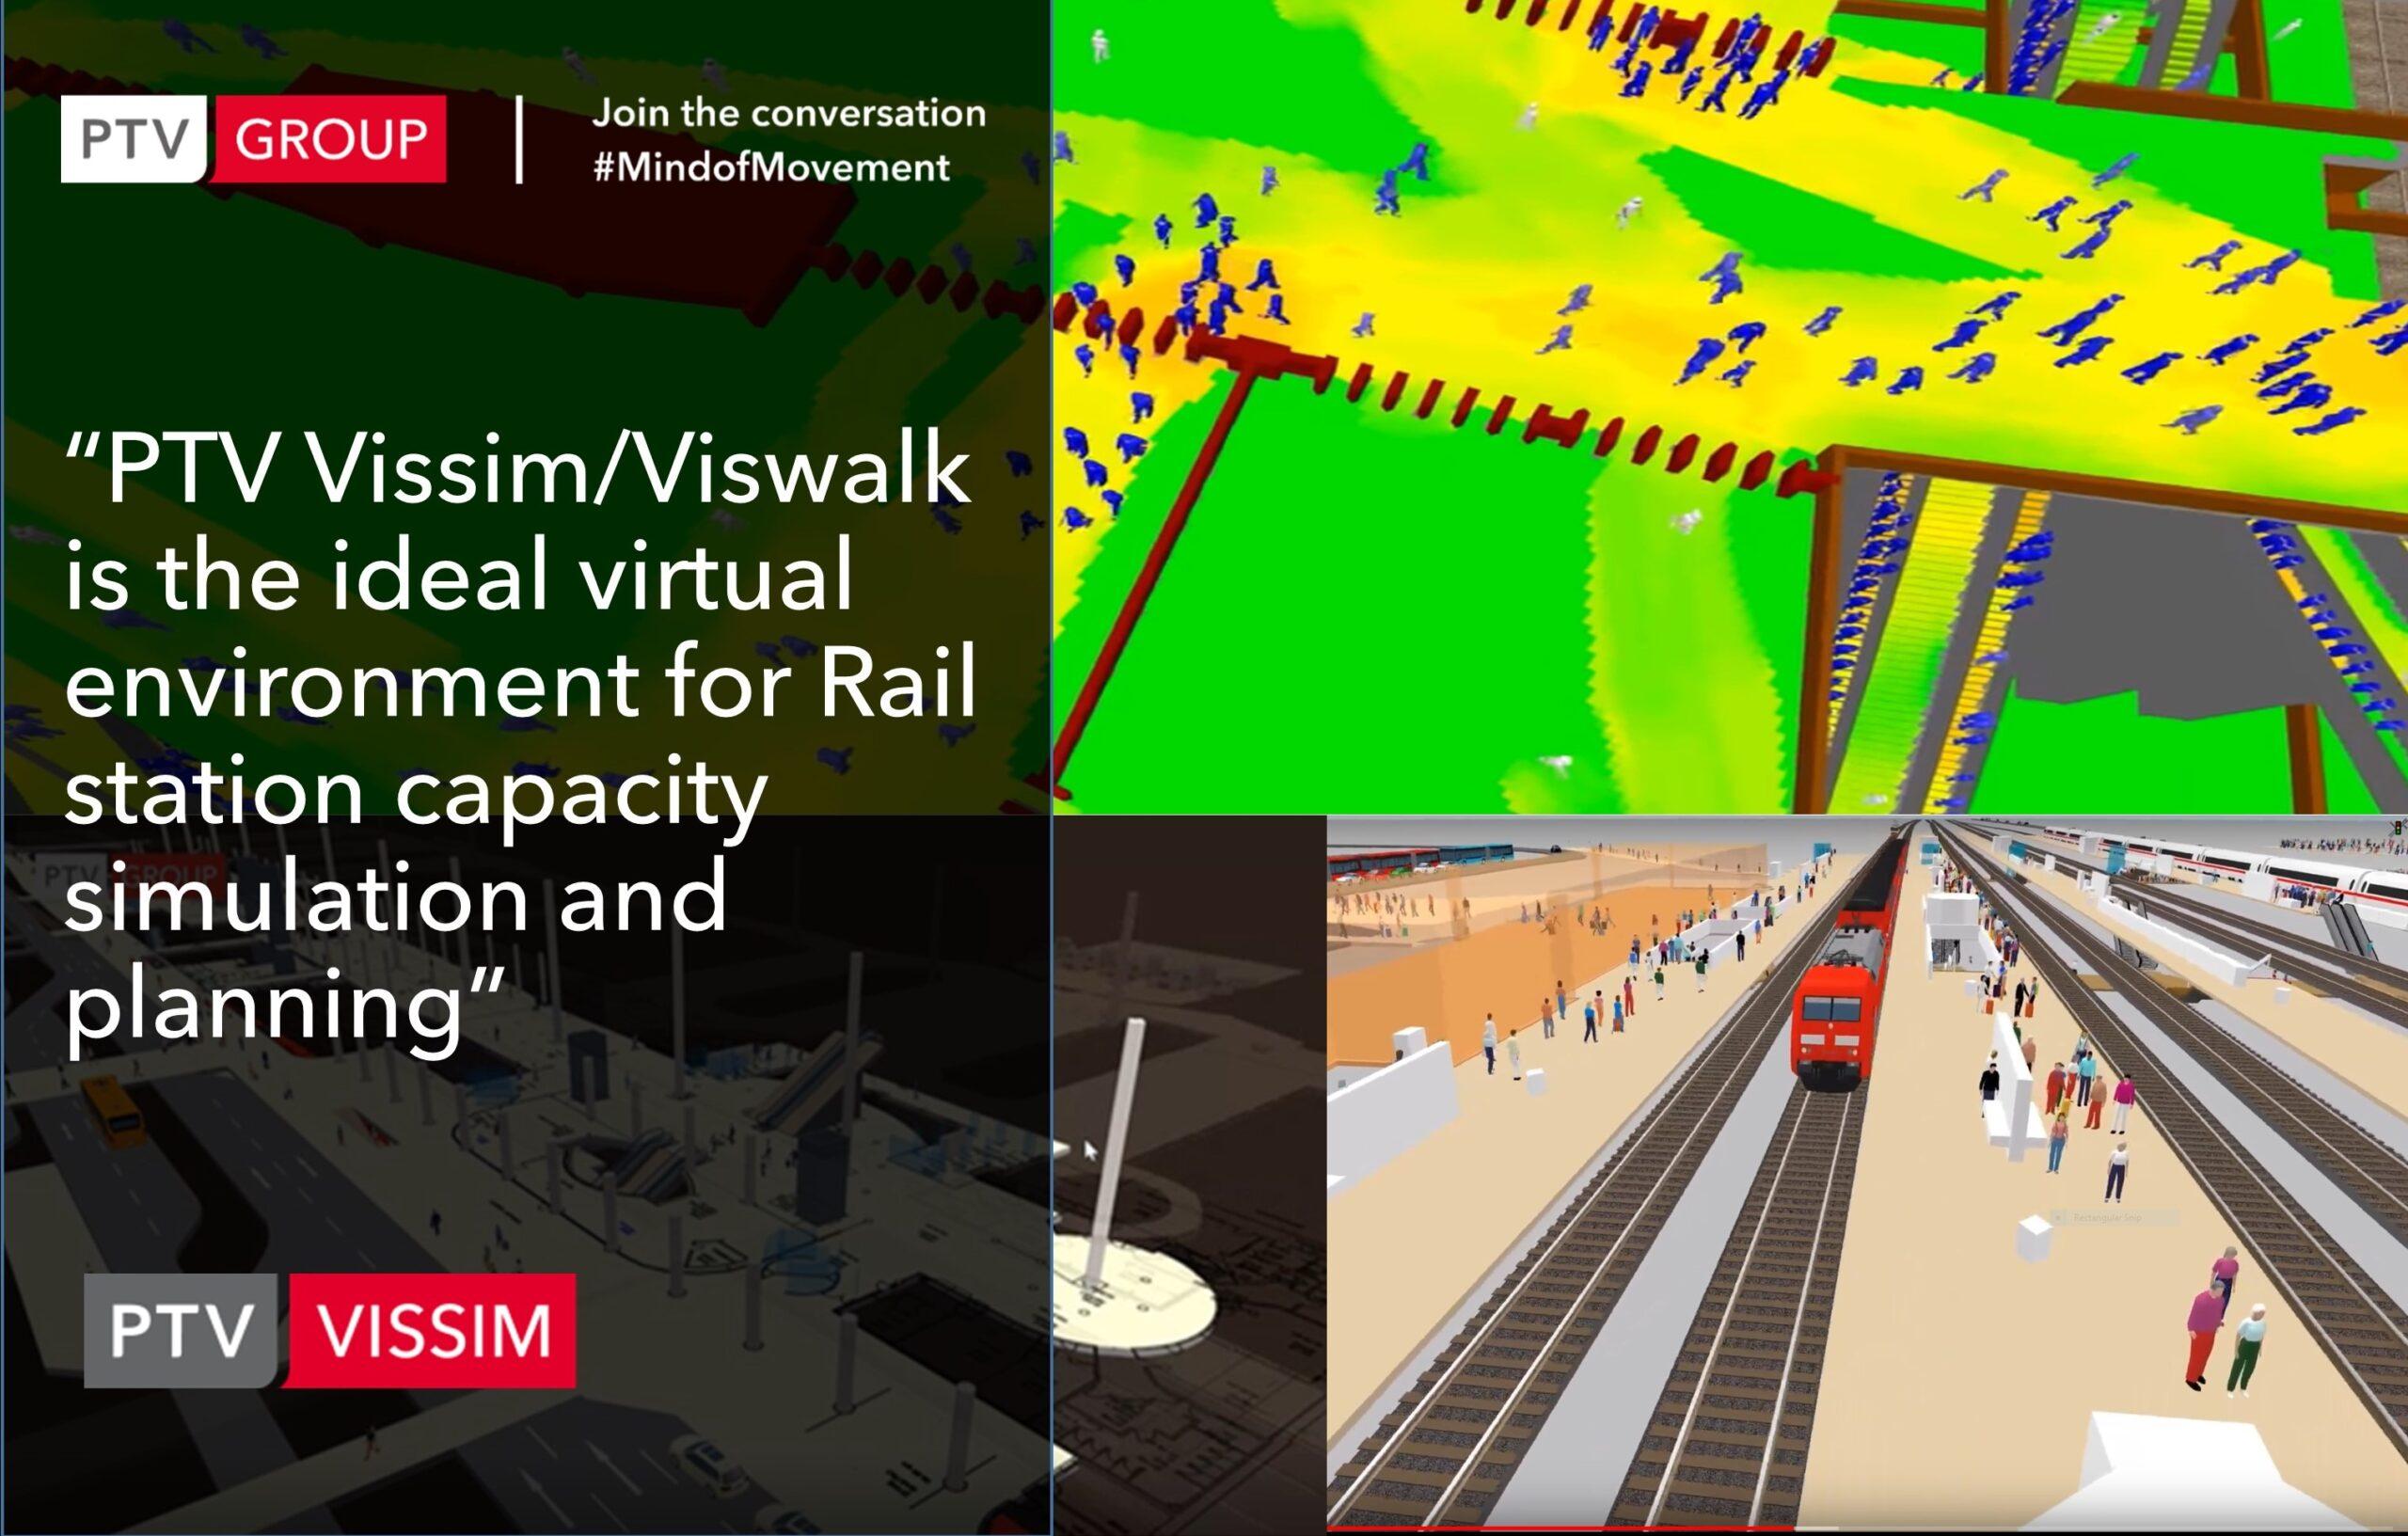 Vissim/Viswalk for Rail